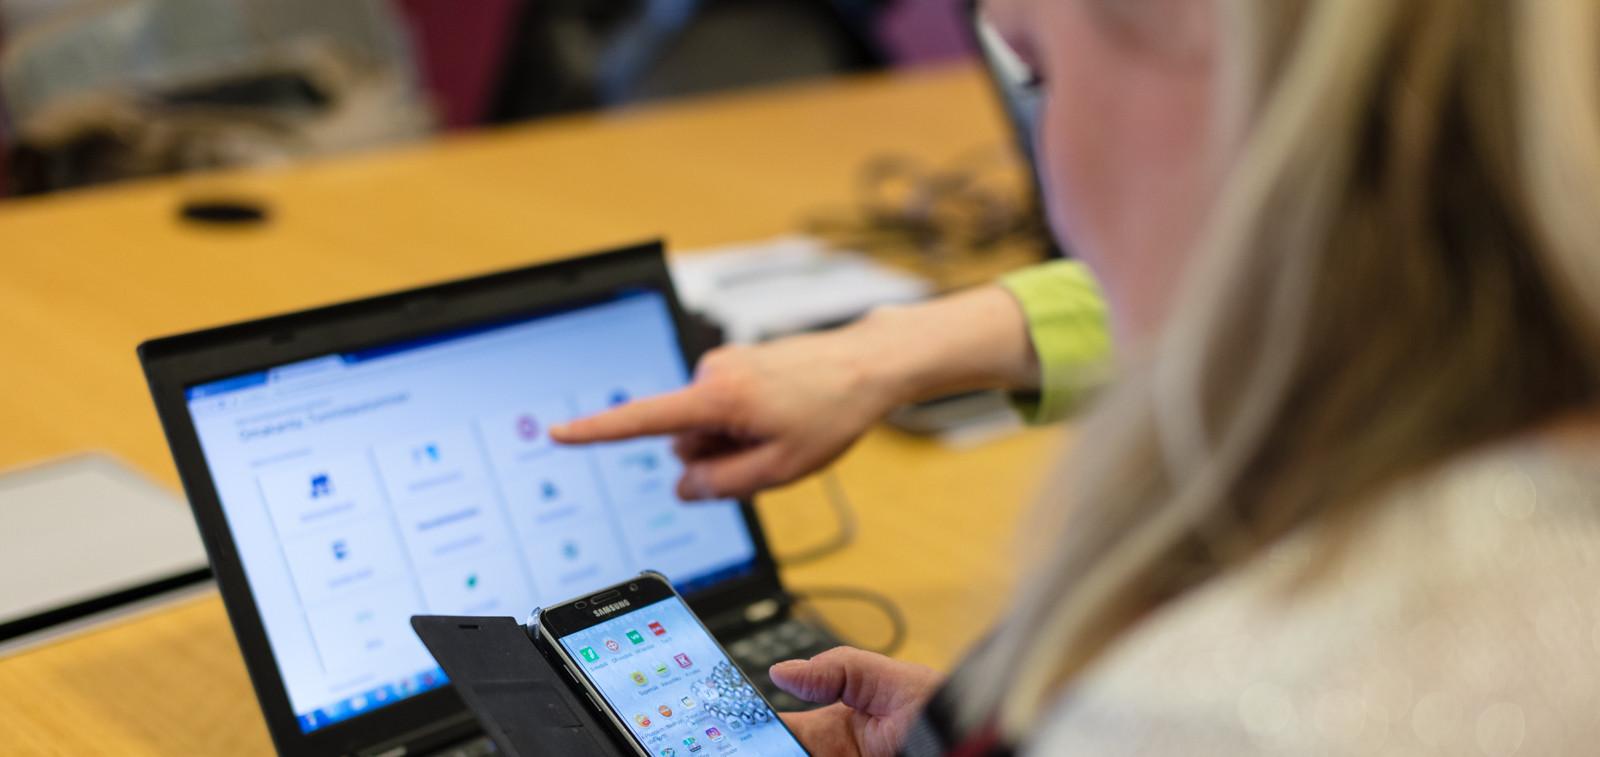 Mobiilikirjautuminen digitaaliseen palveluun